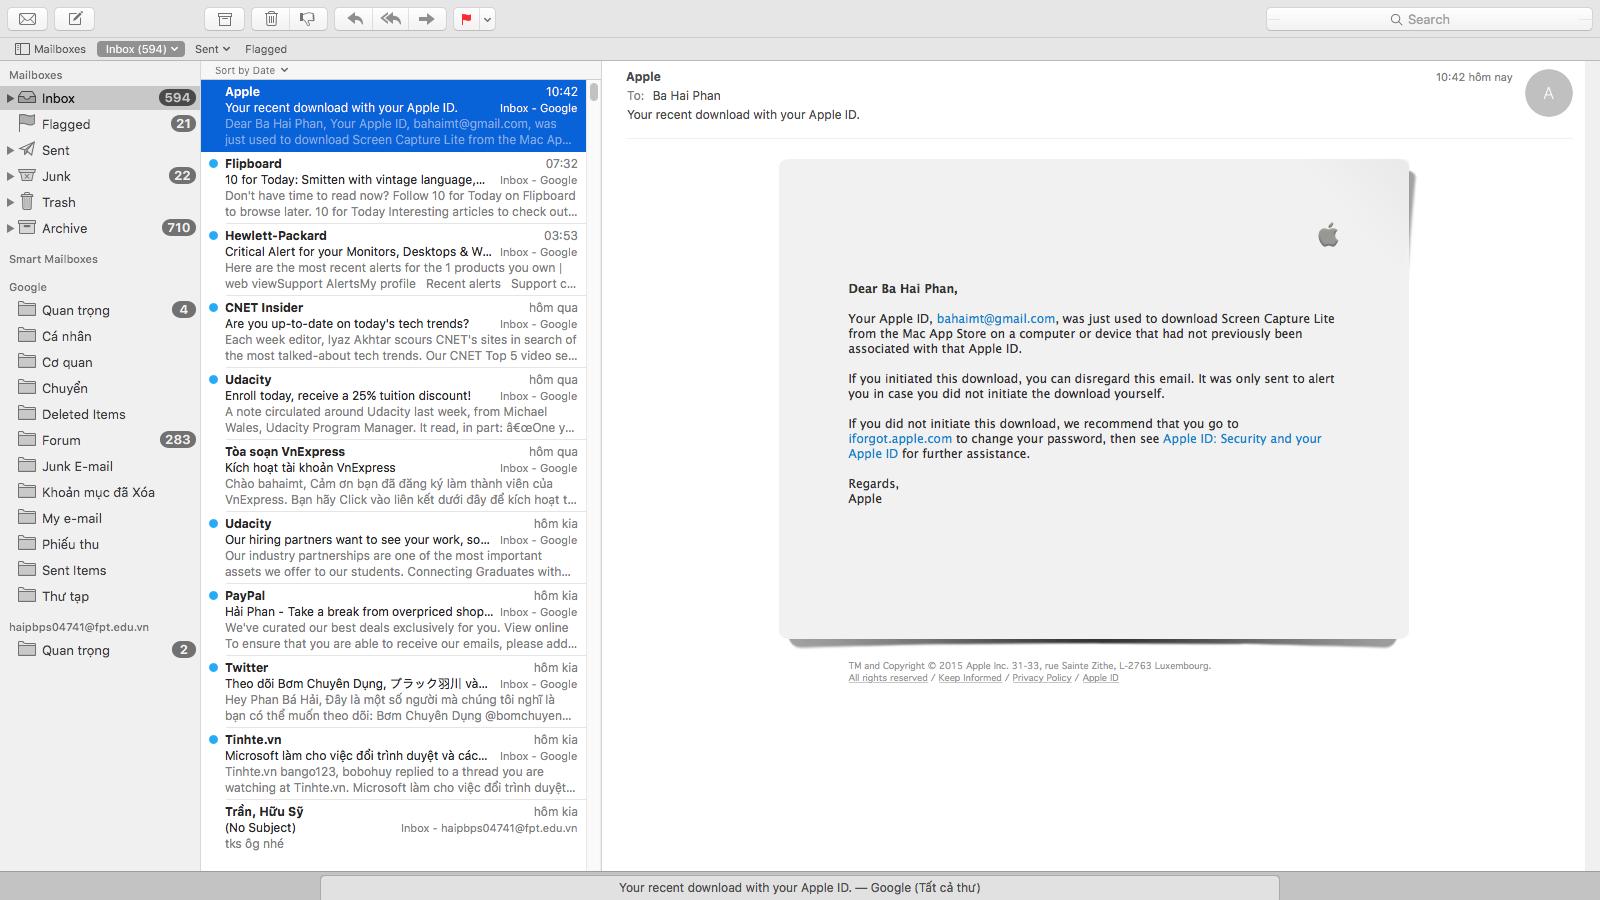 Minimize cửa sổ mail xuống, ta thấy một tab bên dưới